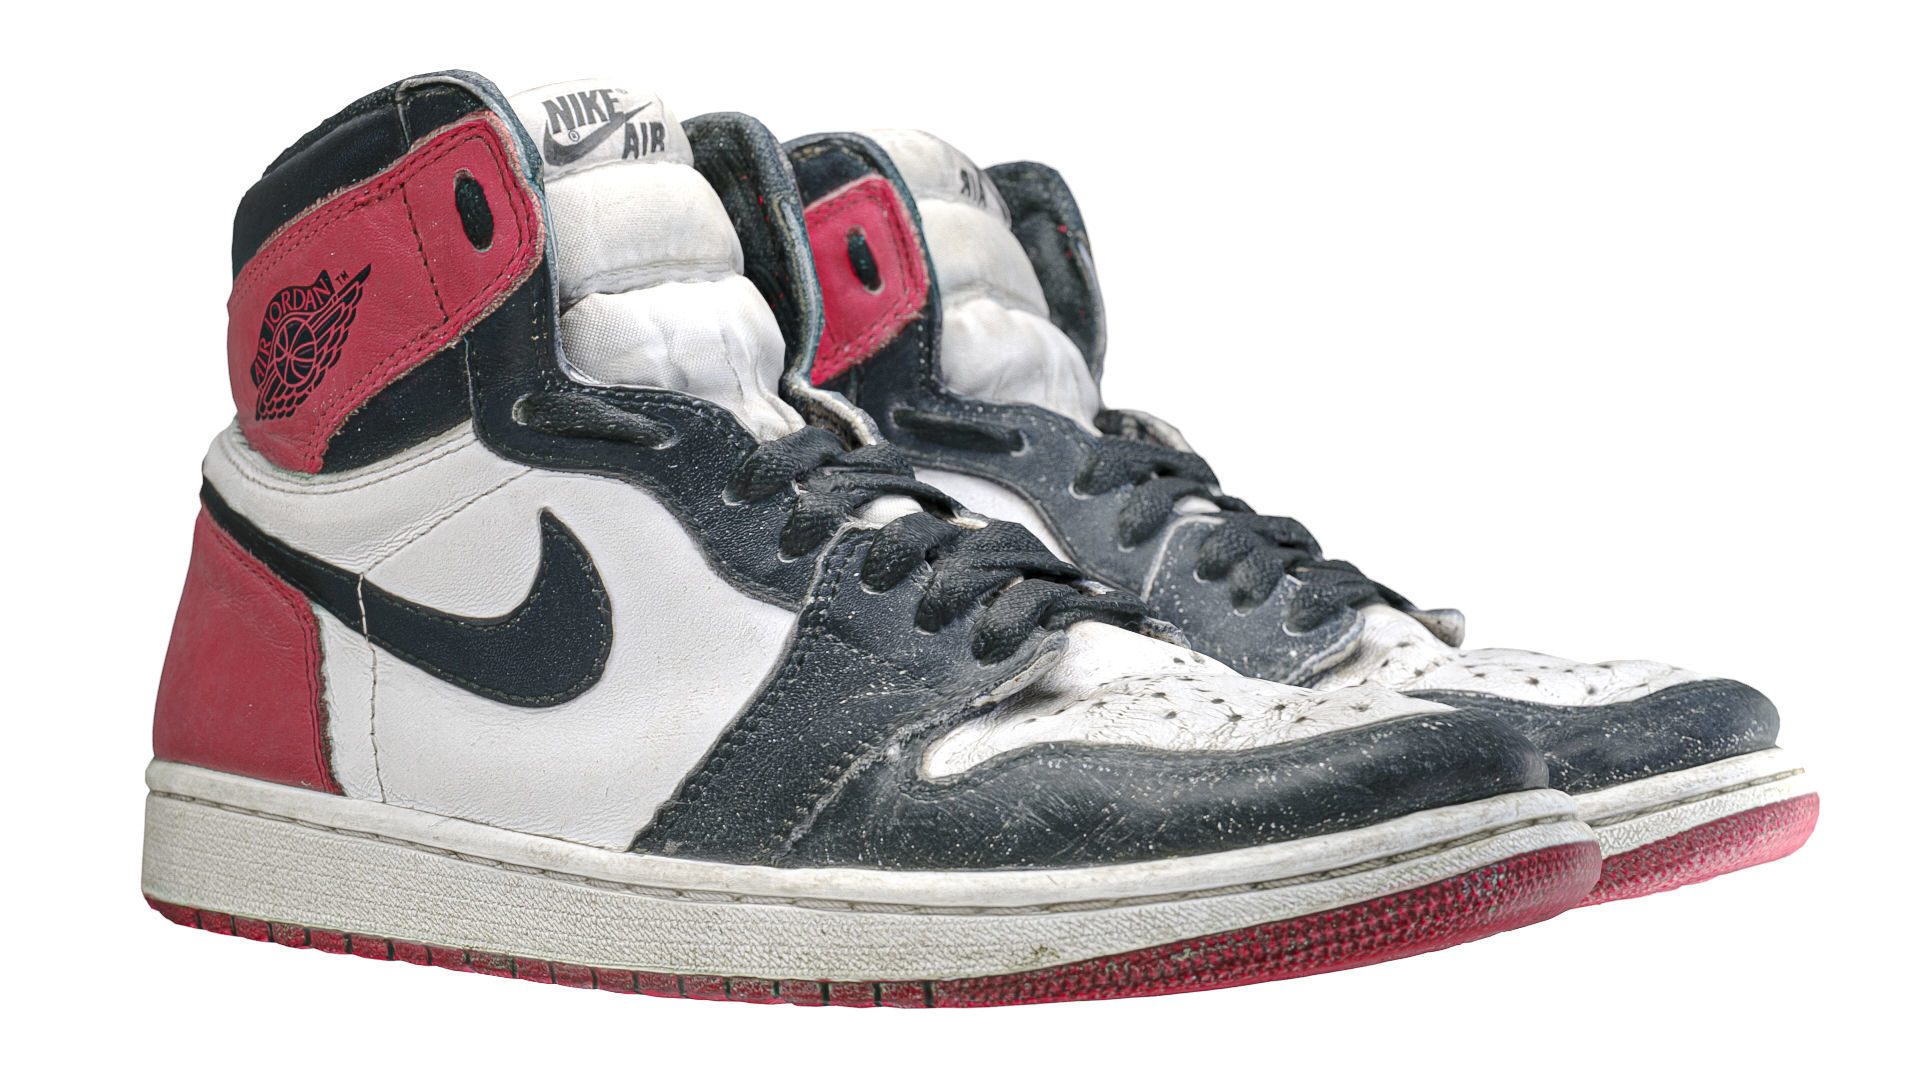 Jordan 1 Black Toe 2016 Photoscan